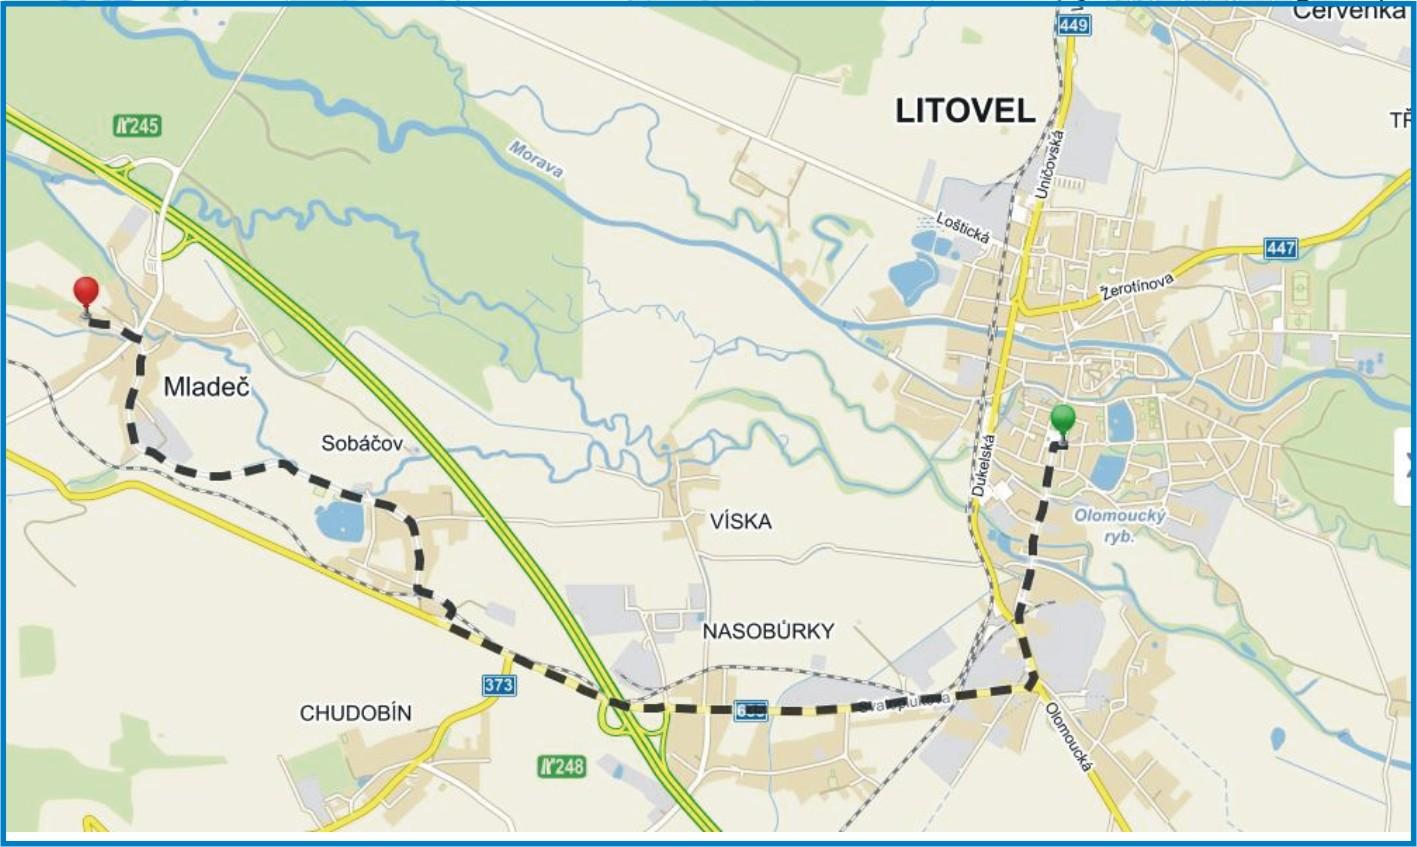 mapa 1, obrázek se otevře v novém okně